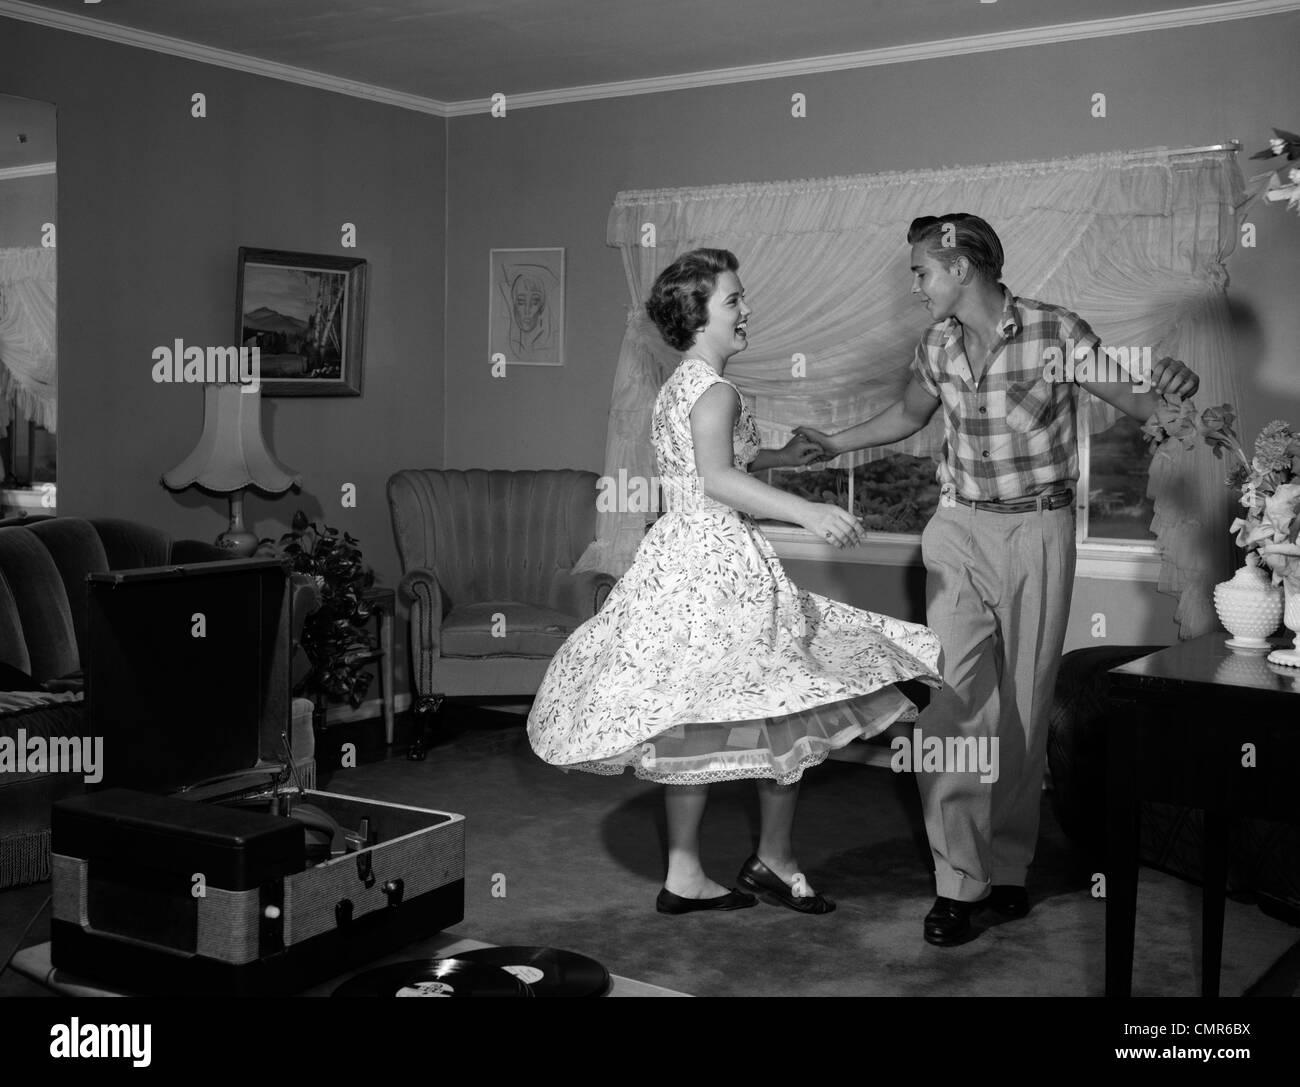 Années 1950 Années 1960 TEEN COUPLE DANCING JITTERBUG DANS LA SALLE DE  SÉJOUR Photo Stock - Alamy